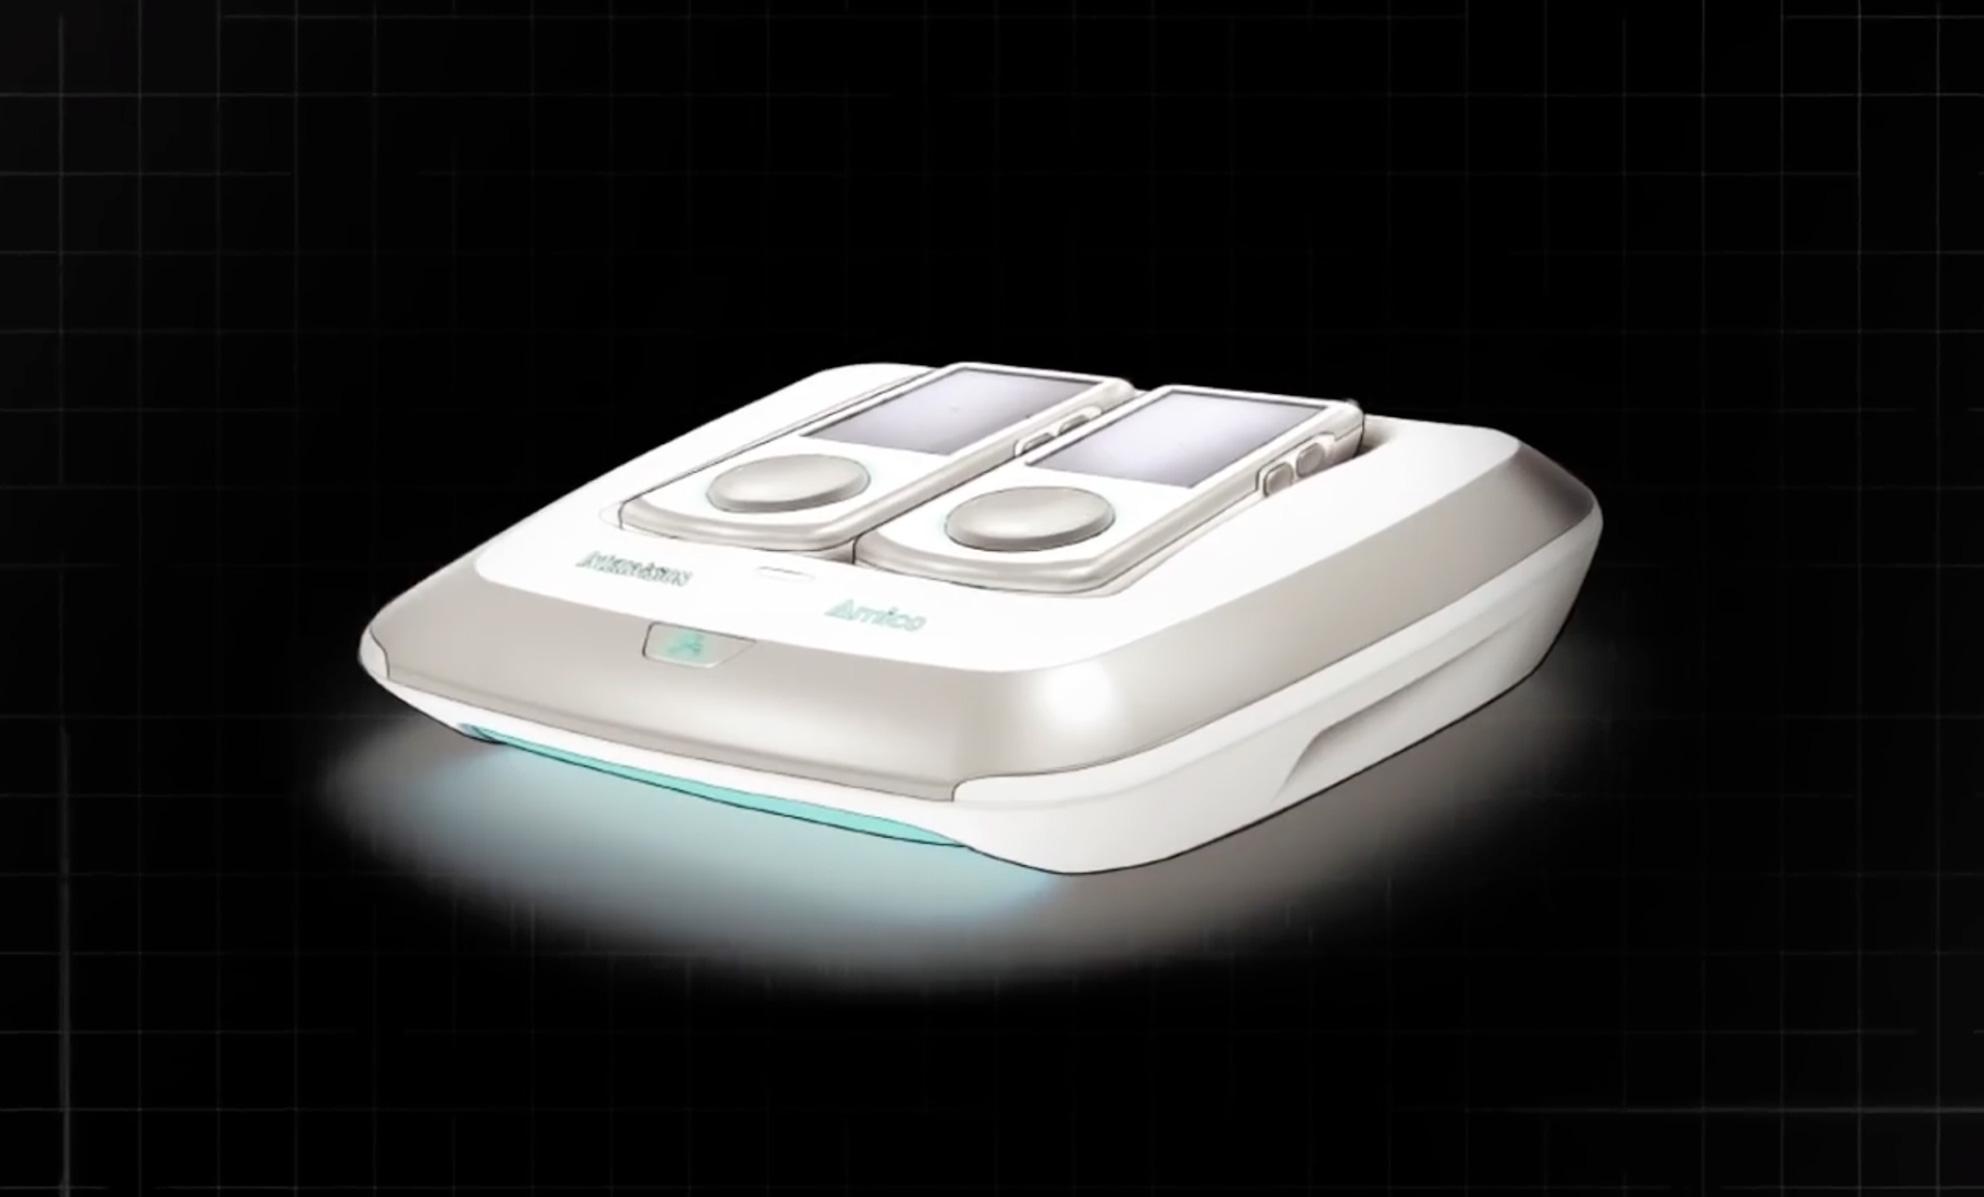 Zwei am System angedockte Controller, interaktives Lichterspiel und Wifi-Verbindung: Die Rückkehr des Intellivisions verbindet Videospiel-Moderne mit Gaming-Klassik.